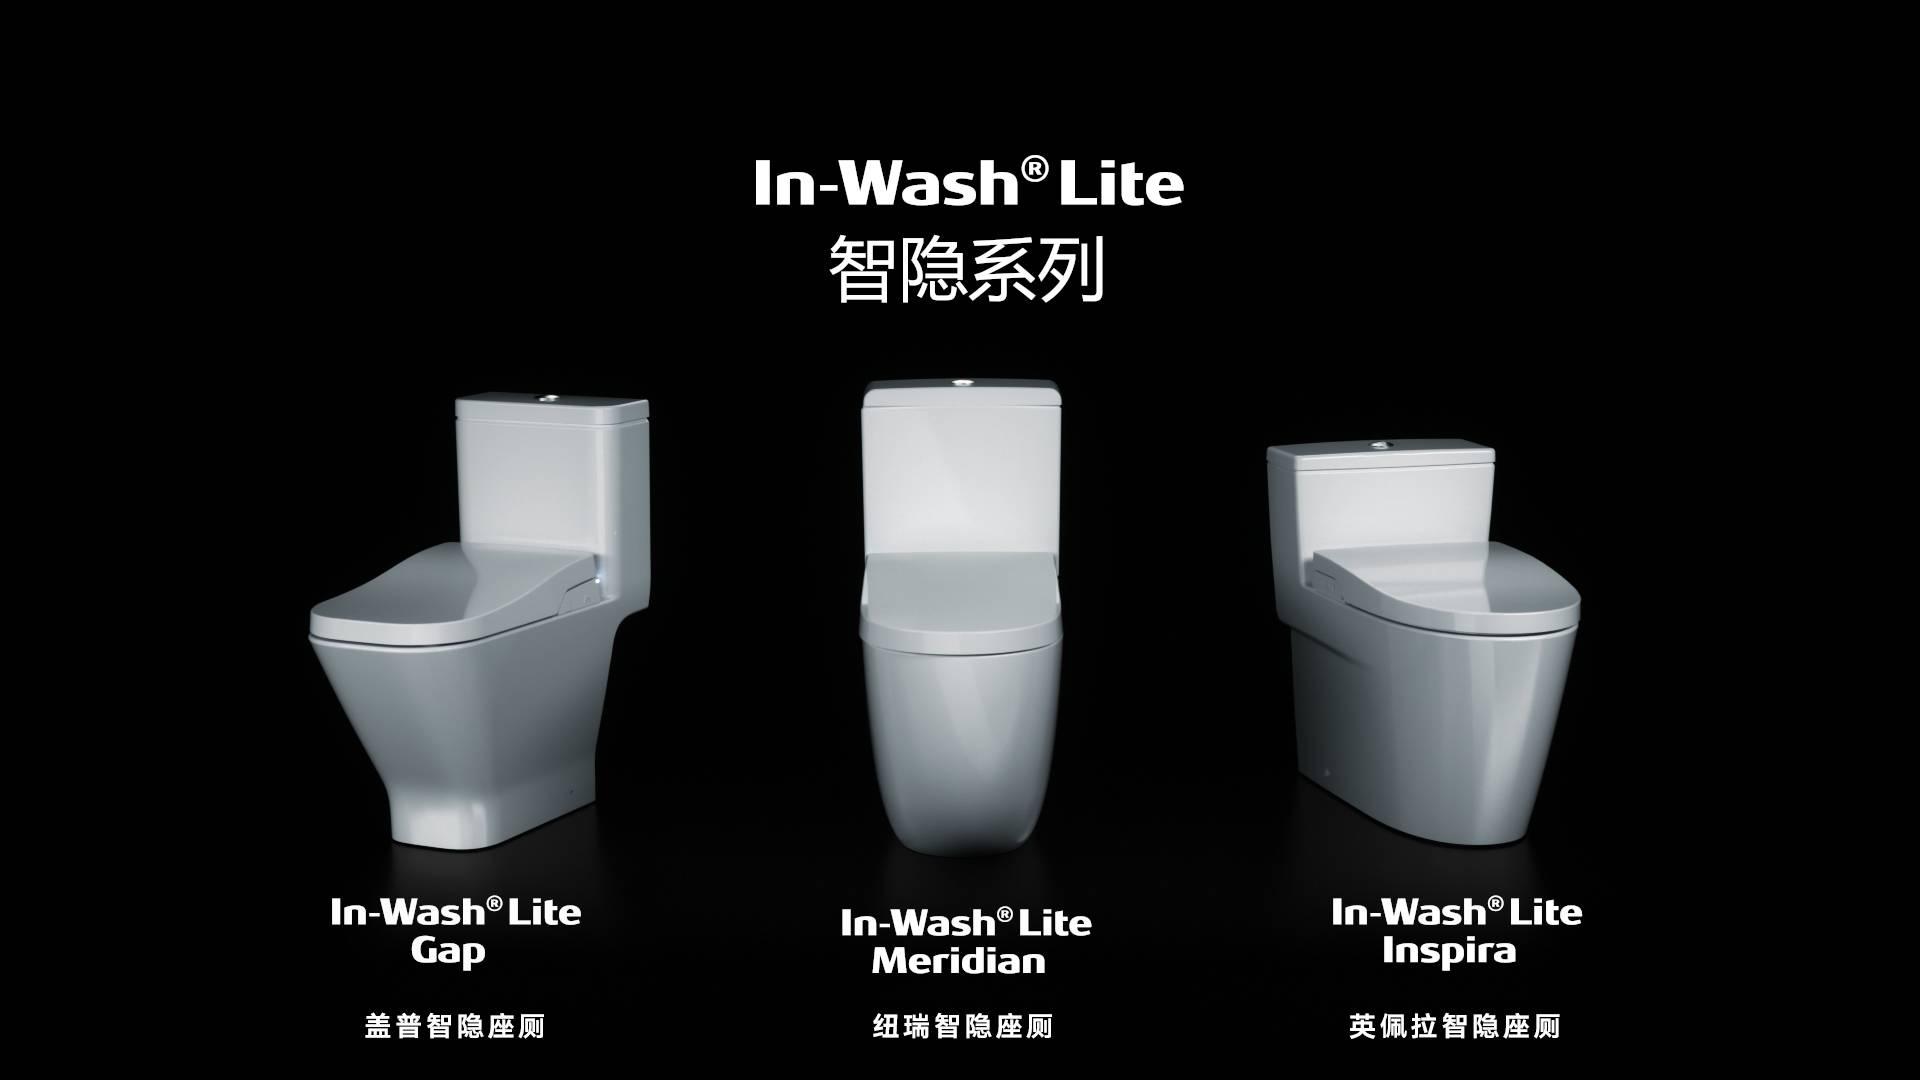 智能座厕家族2.jpg